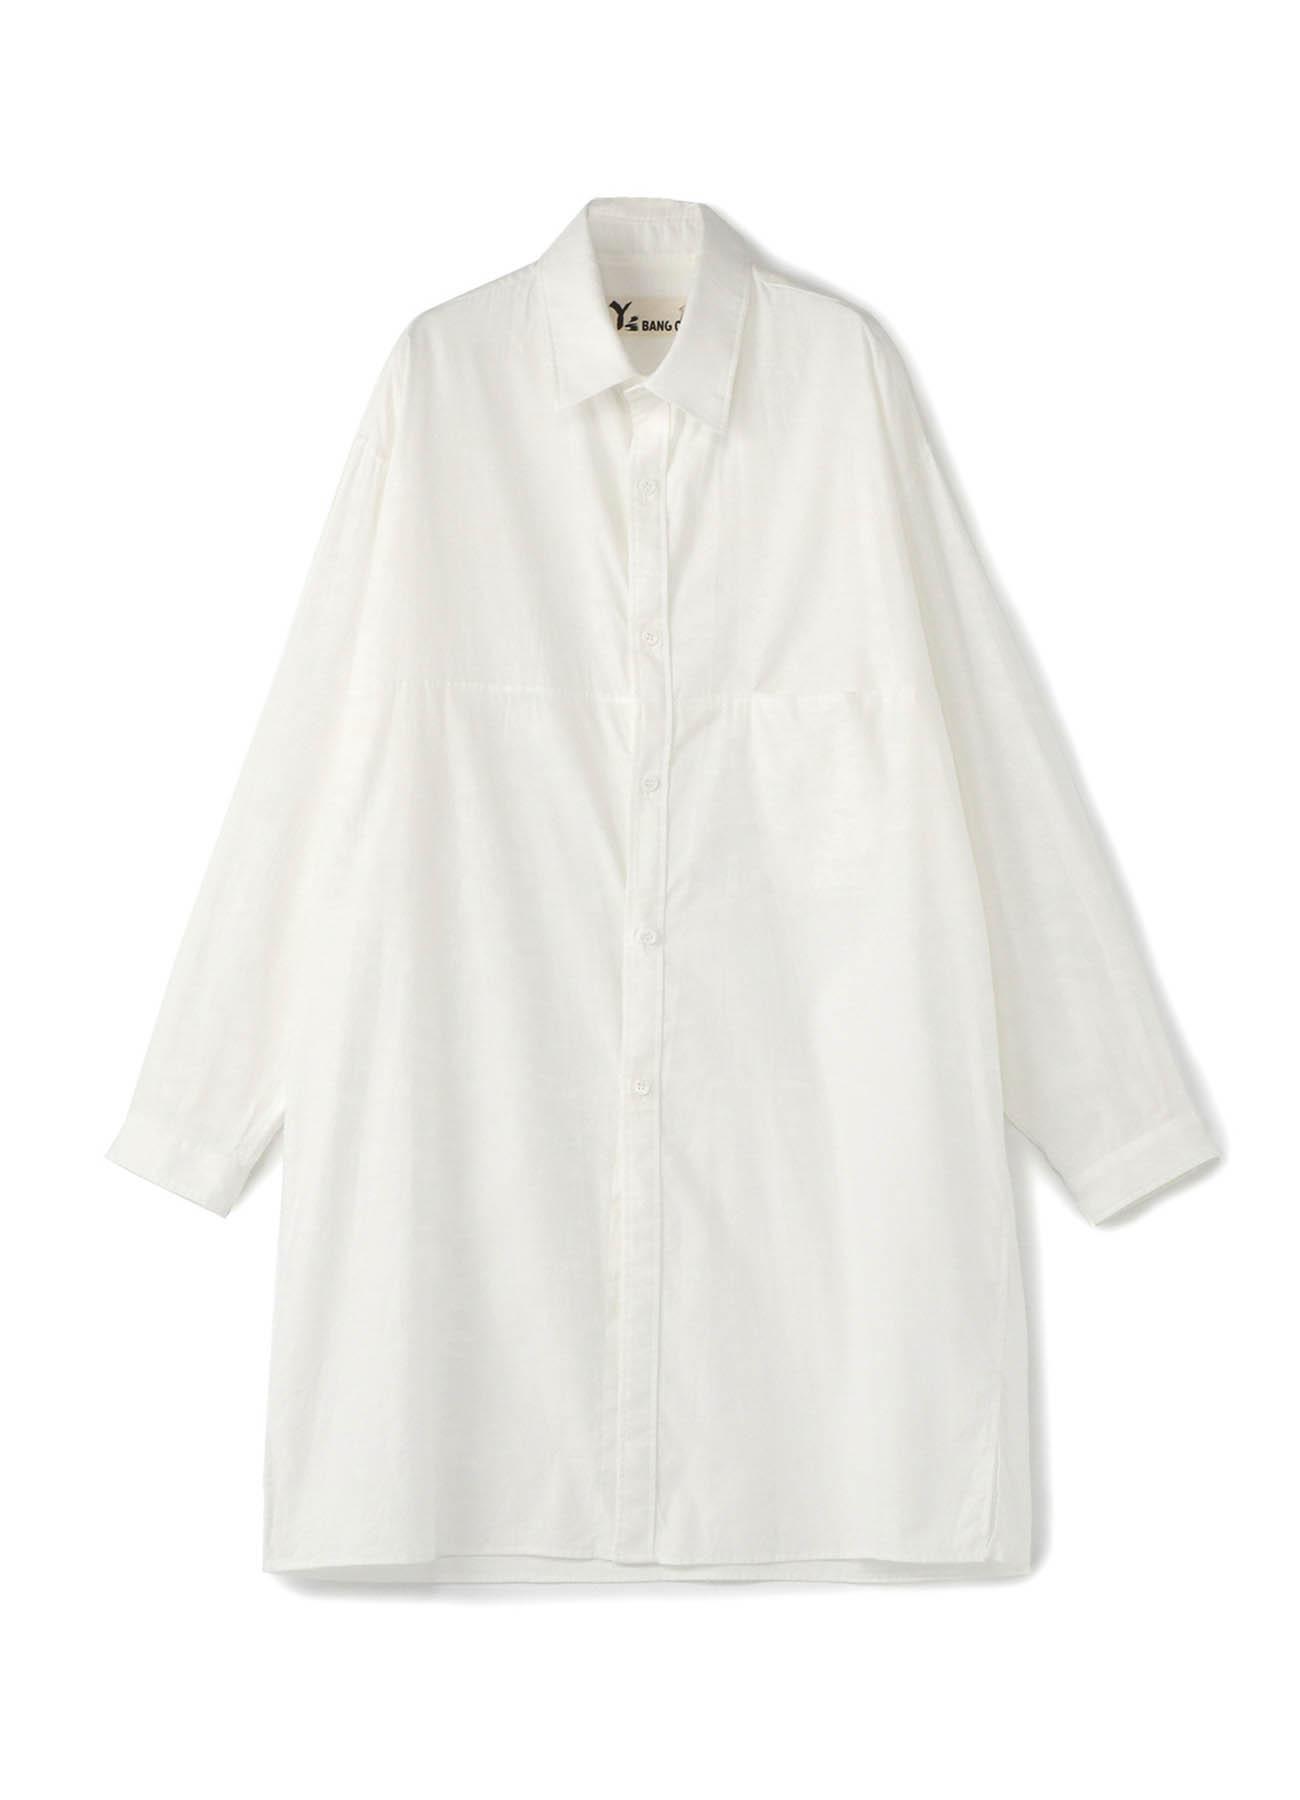 No.1 Pattern Change Blouse Cotton Twill - Thin